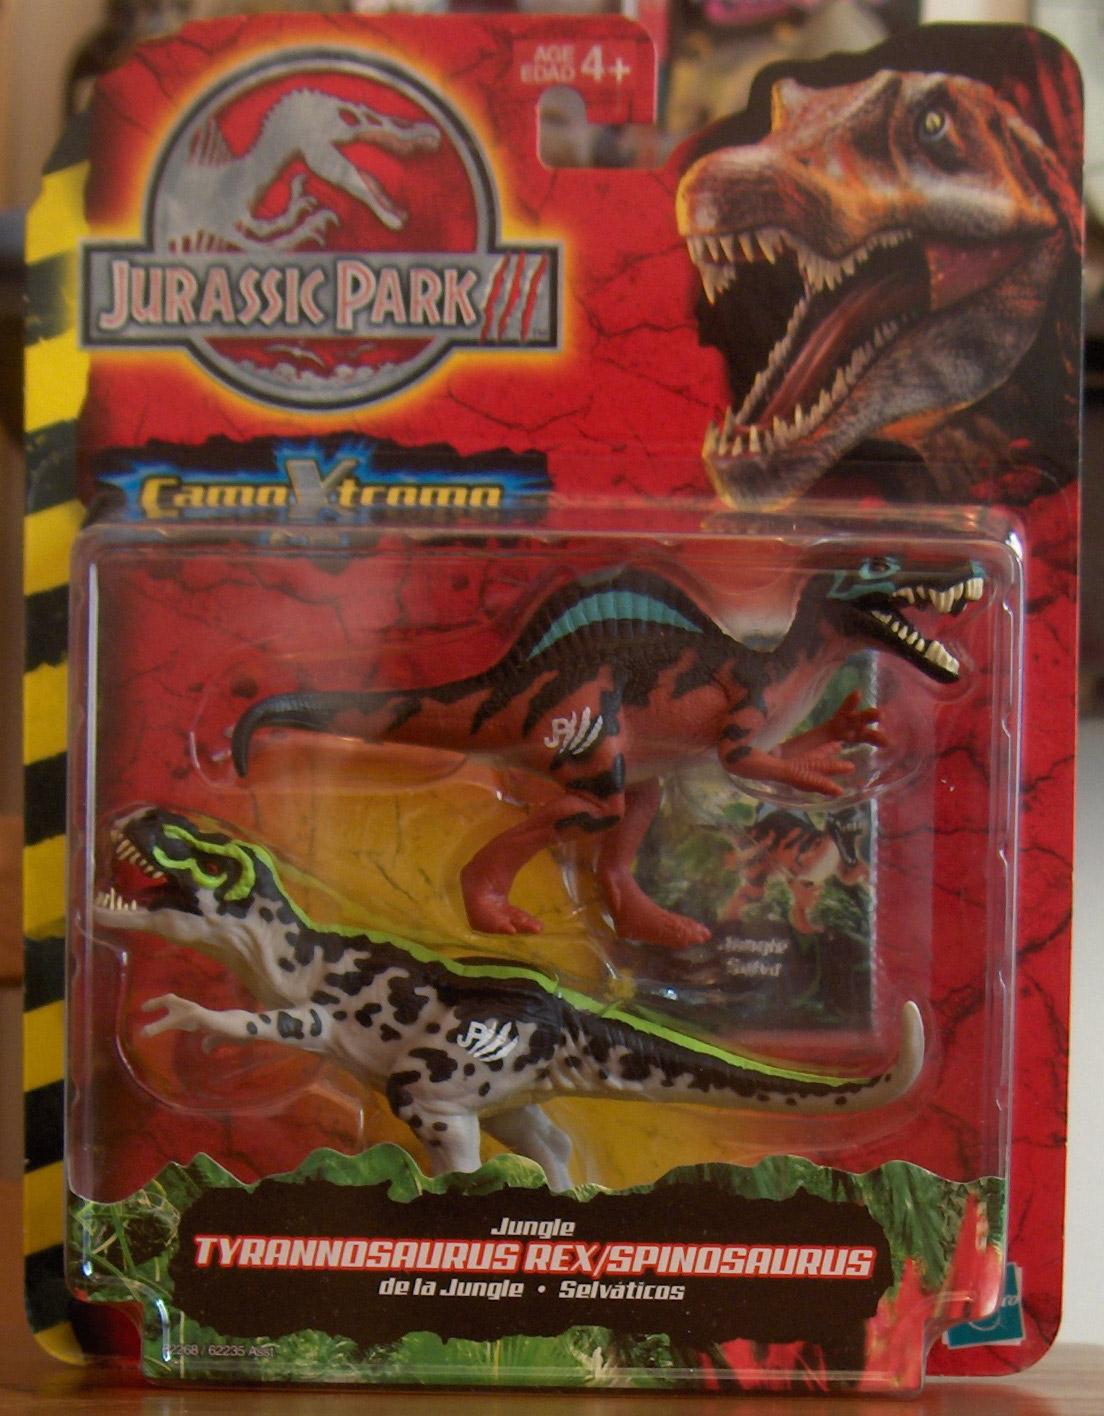 Jungle Spinosaurus TyrannosaurusJurassic Park Toys Spinosaurus Vs Trex